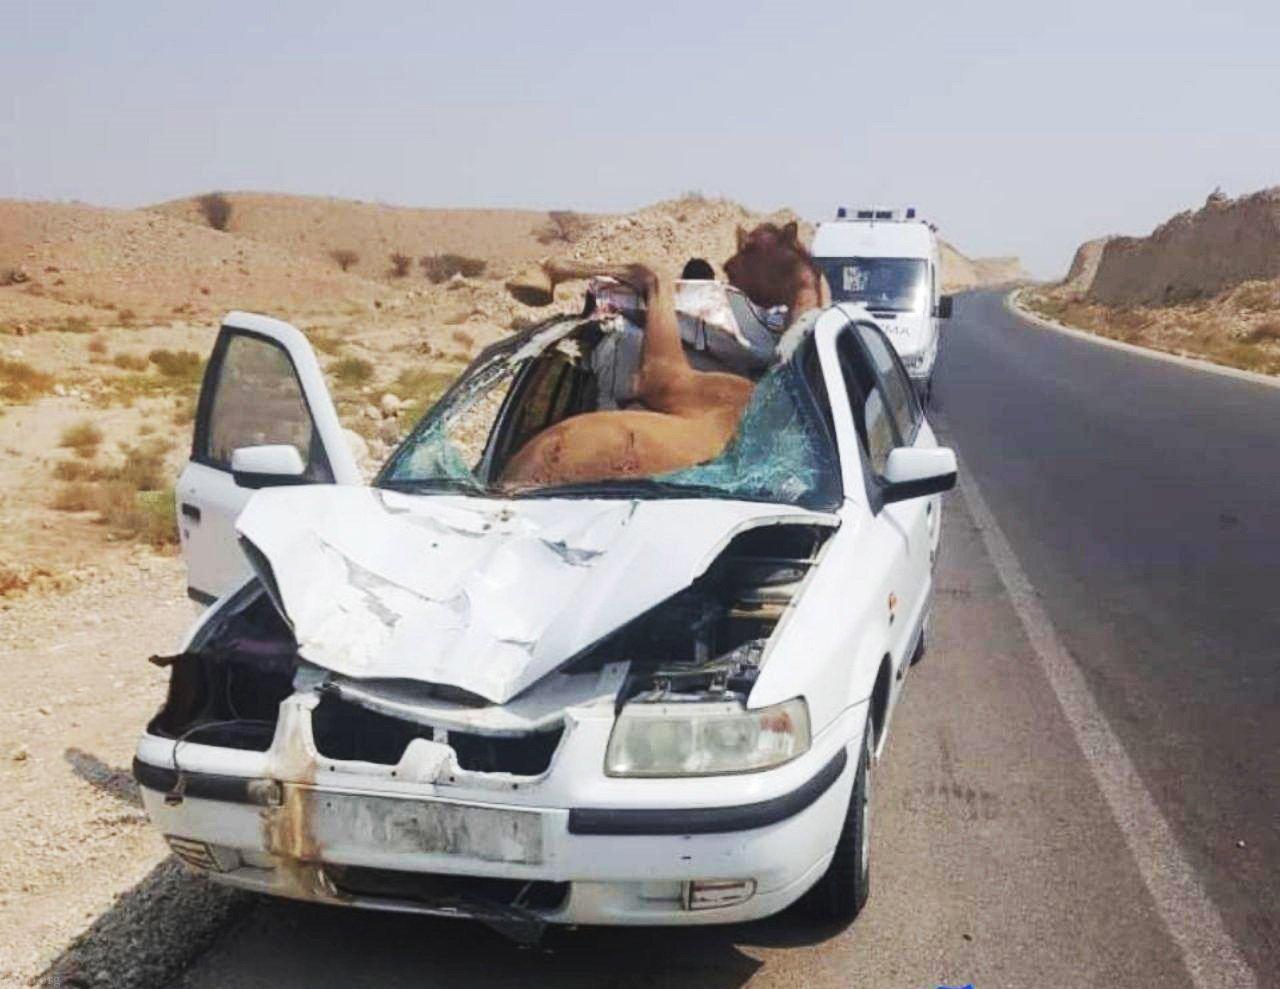 تفاوت حرکت زشت پسر جوان و اقدام زیبای امدادگر در تصادف با شتر (عکس)